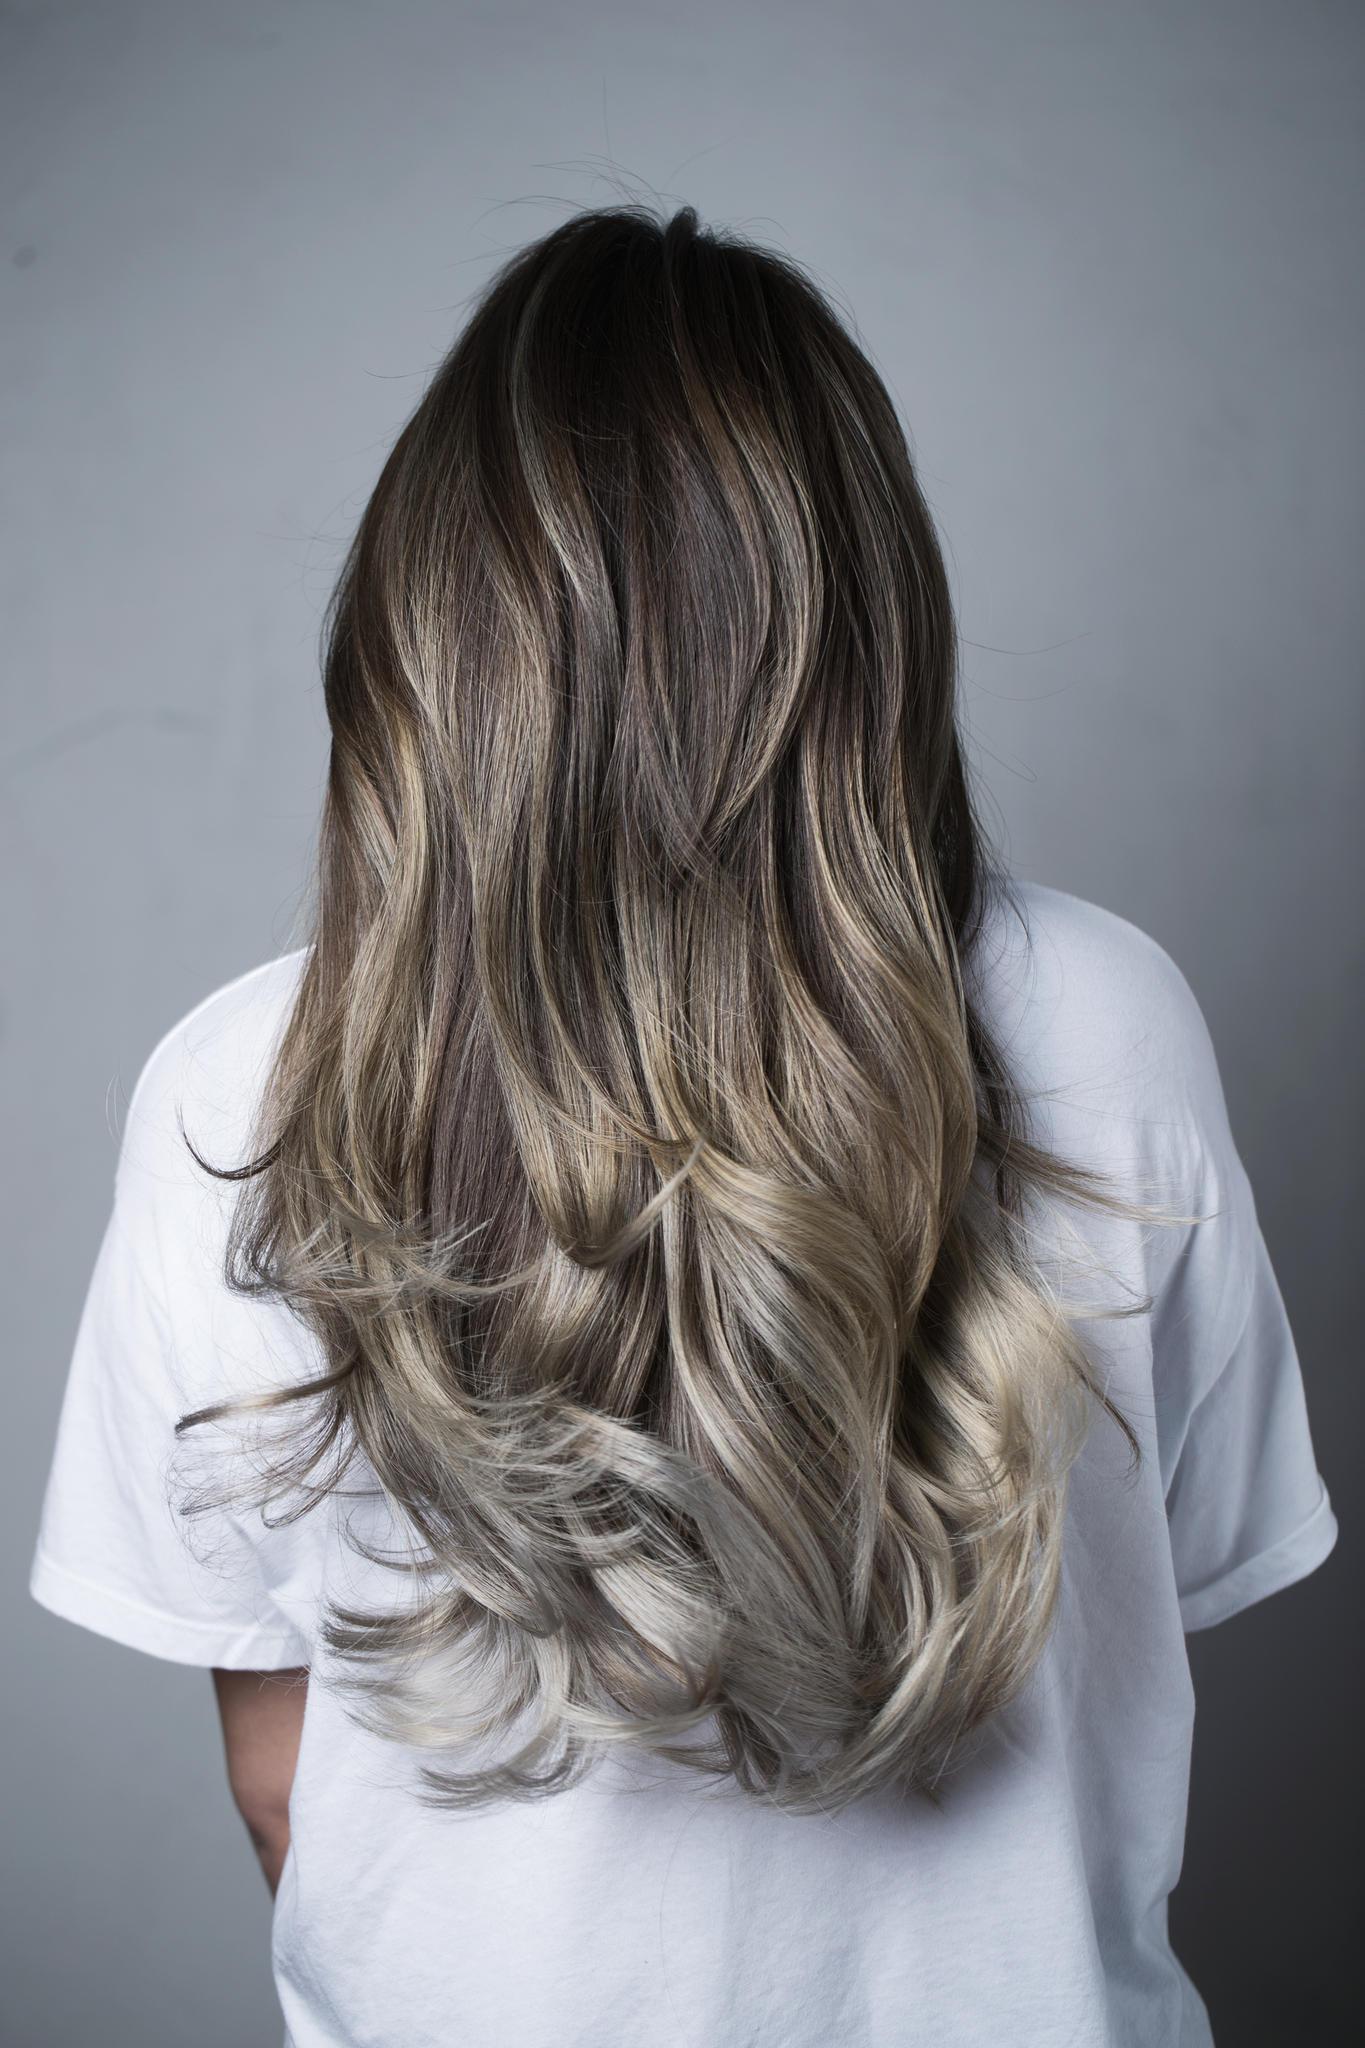 Das Ist Die Beliebteste Haarfarbe Des Sommers Wir Sind Hin Und Weg